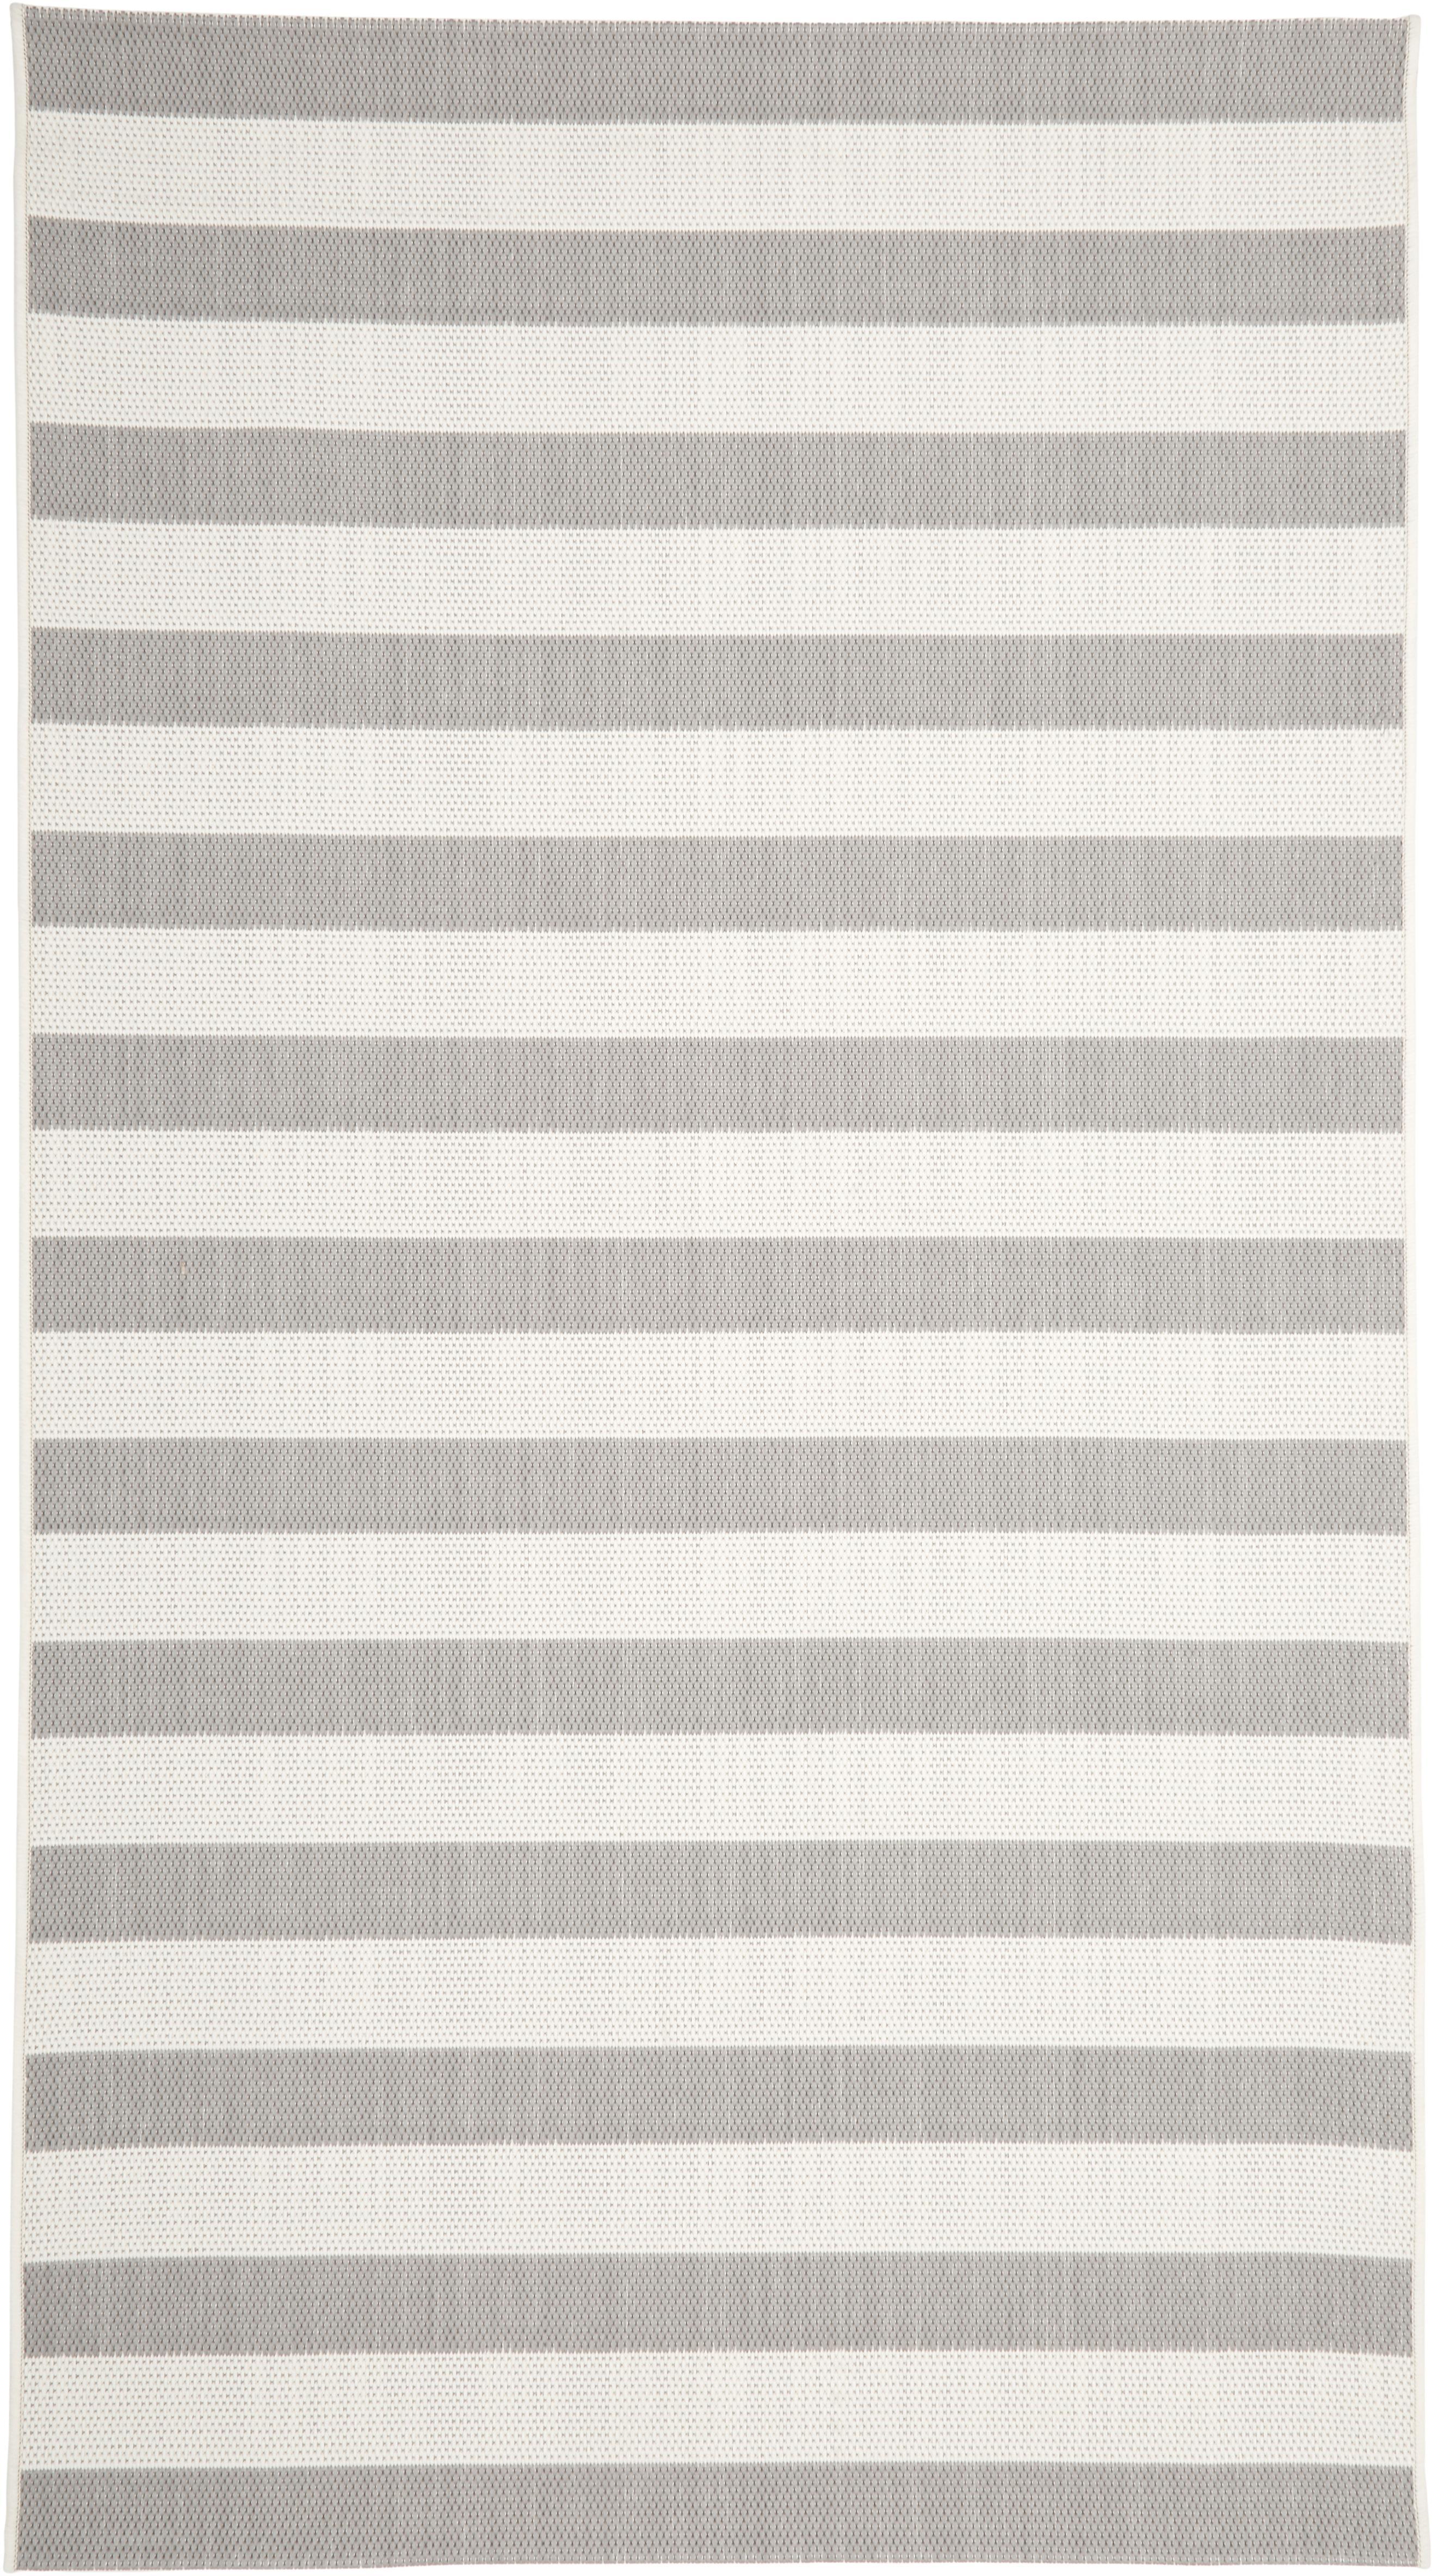 Alfombra de interior/exterior Axa, Parte superior: polipropileno, Reverso: poliéster, Blanco crema, gris, An 80 x L 150 cm (Tamaño XS)